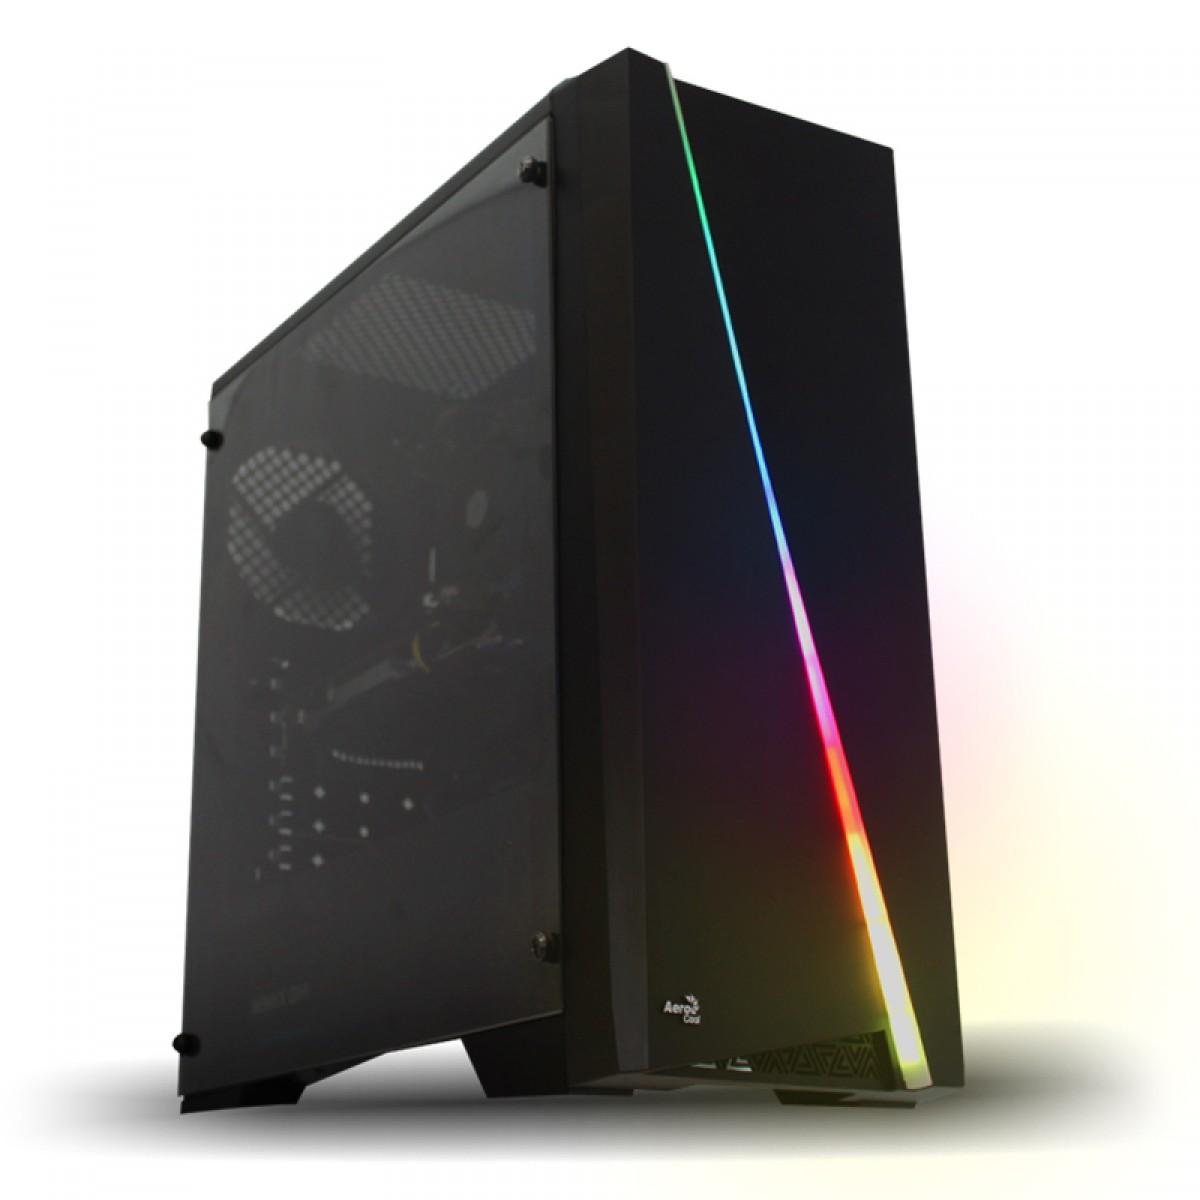 PC Gamer T-Power Special Edition Intel I7 9700KF 3.60GHz / Radeon RX 5700 8GB / 8GB DDR4 / HD 1TB / 600W